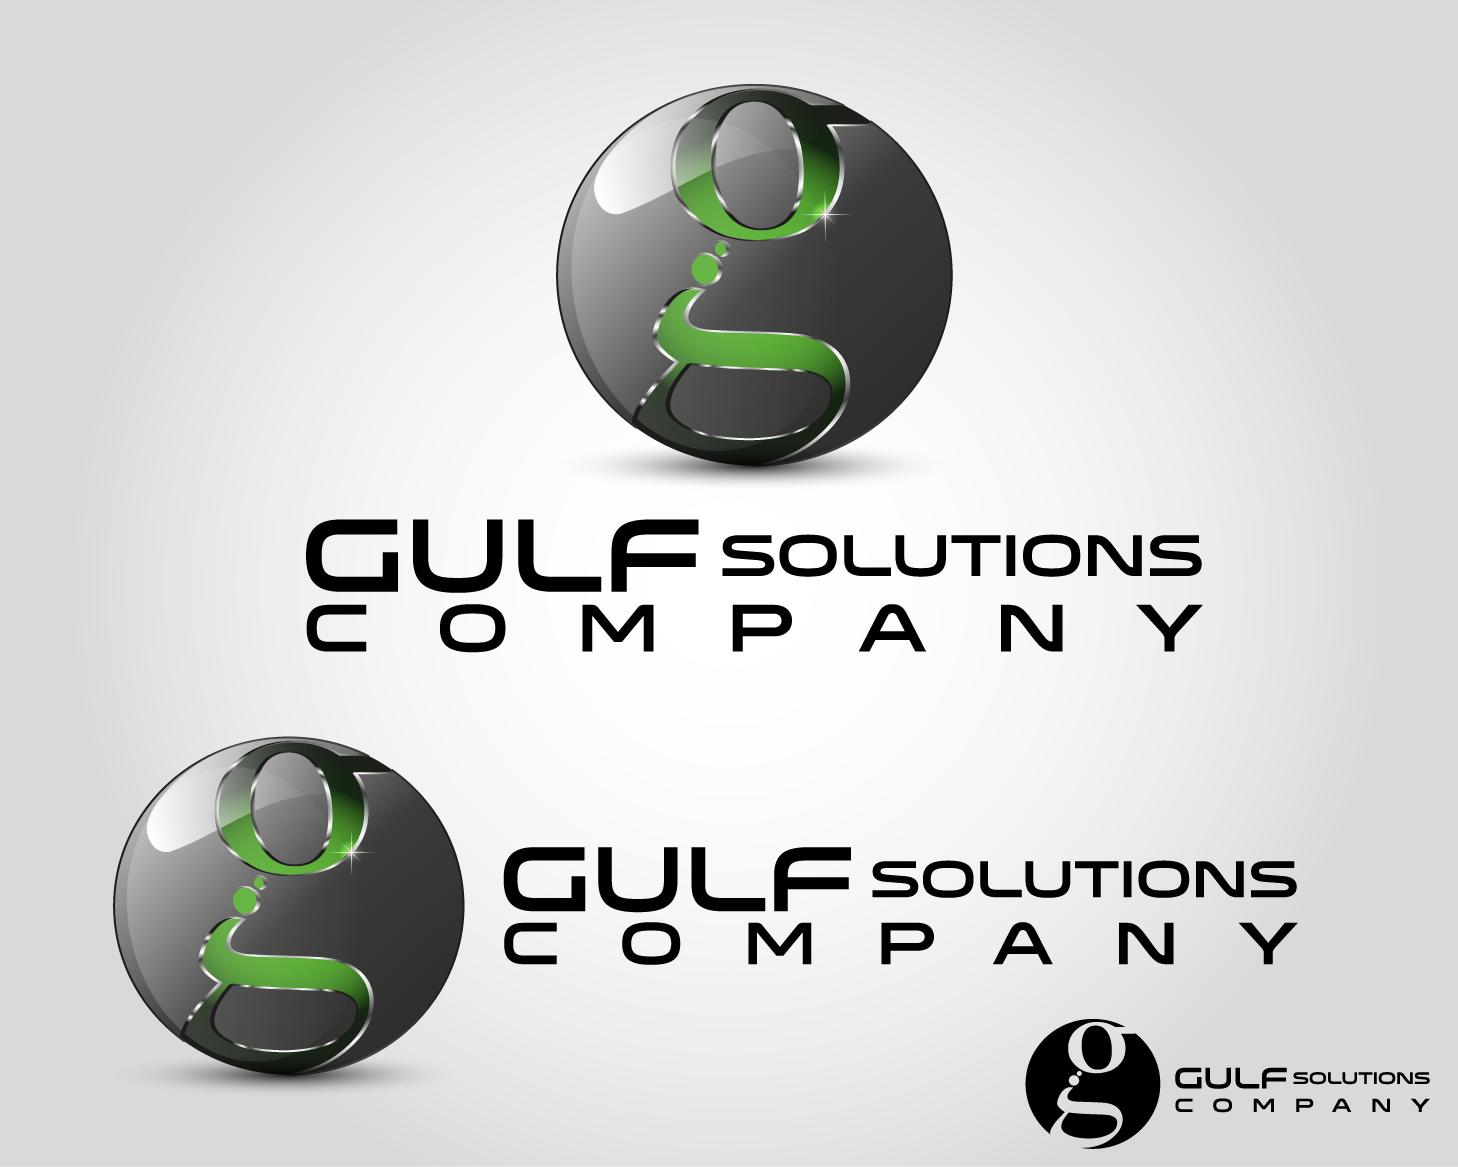 Logo Design by VENTSISLAV KOVACHEV - Entry No. 78 in the Logo Design Contest New Logo Design for Gulf solutions company.